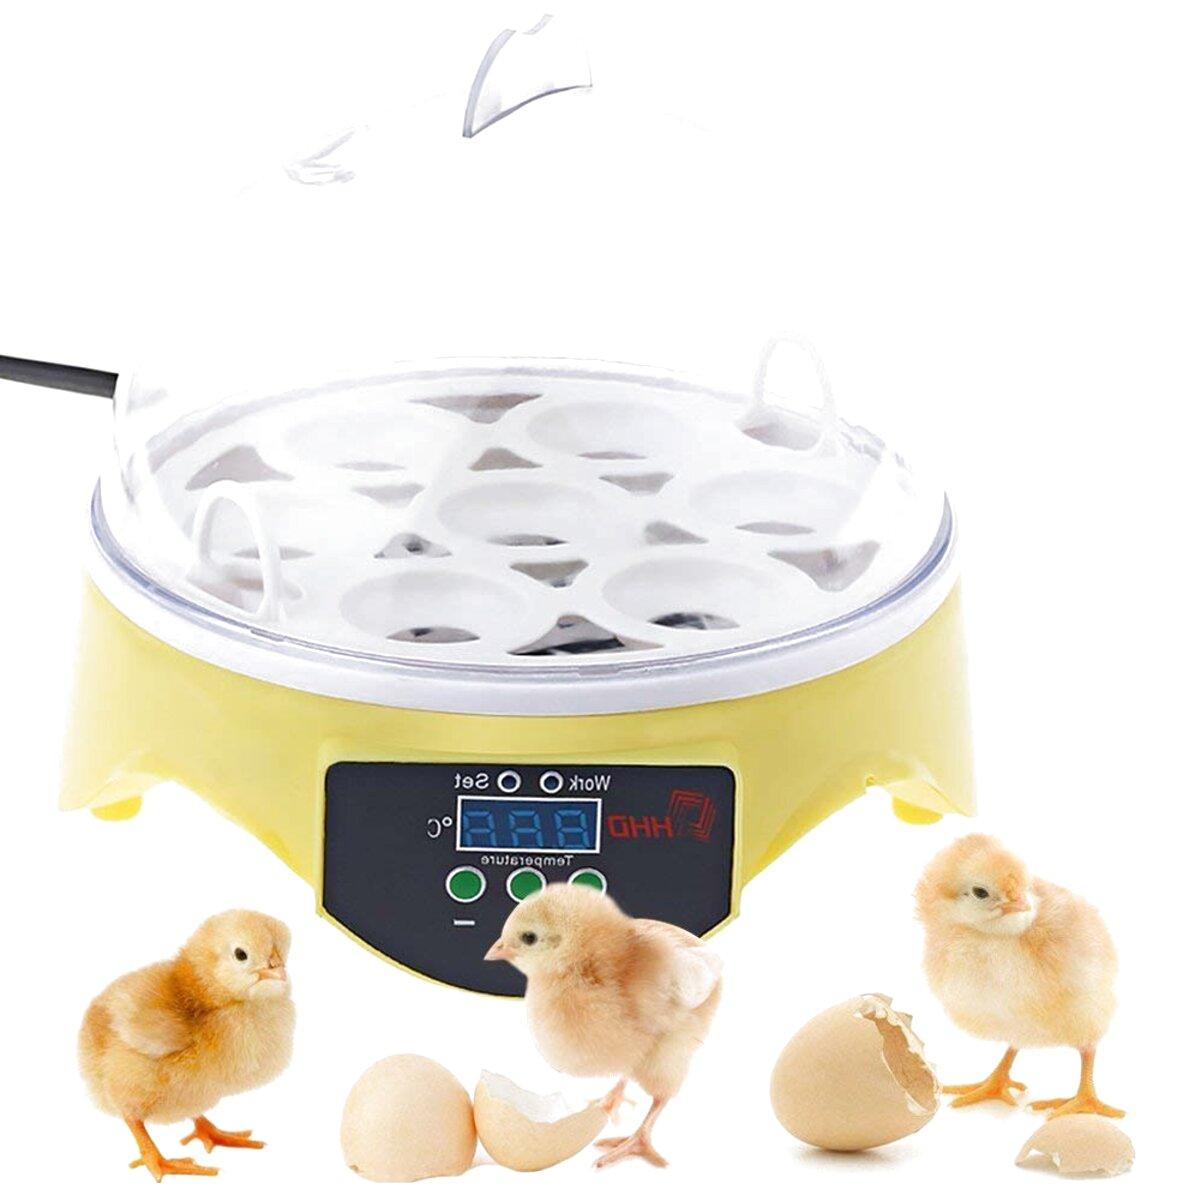 chicken incubator for sale